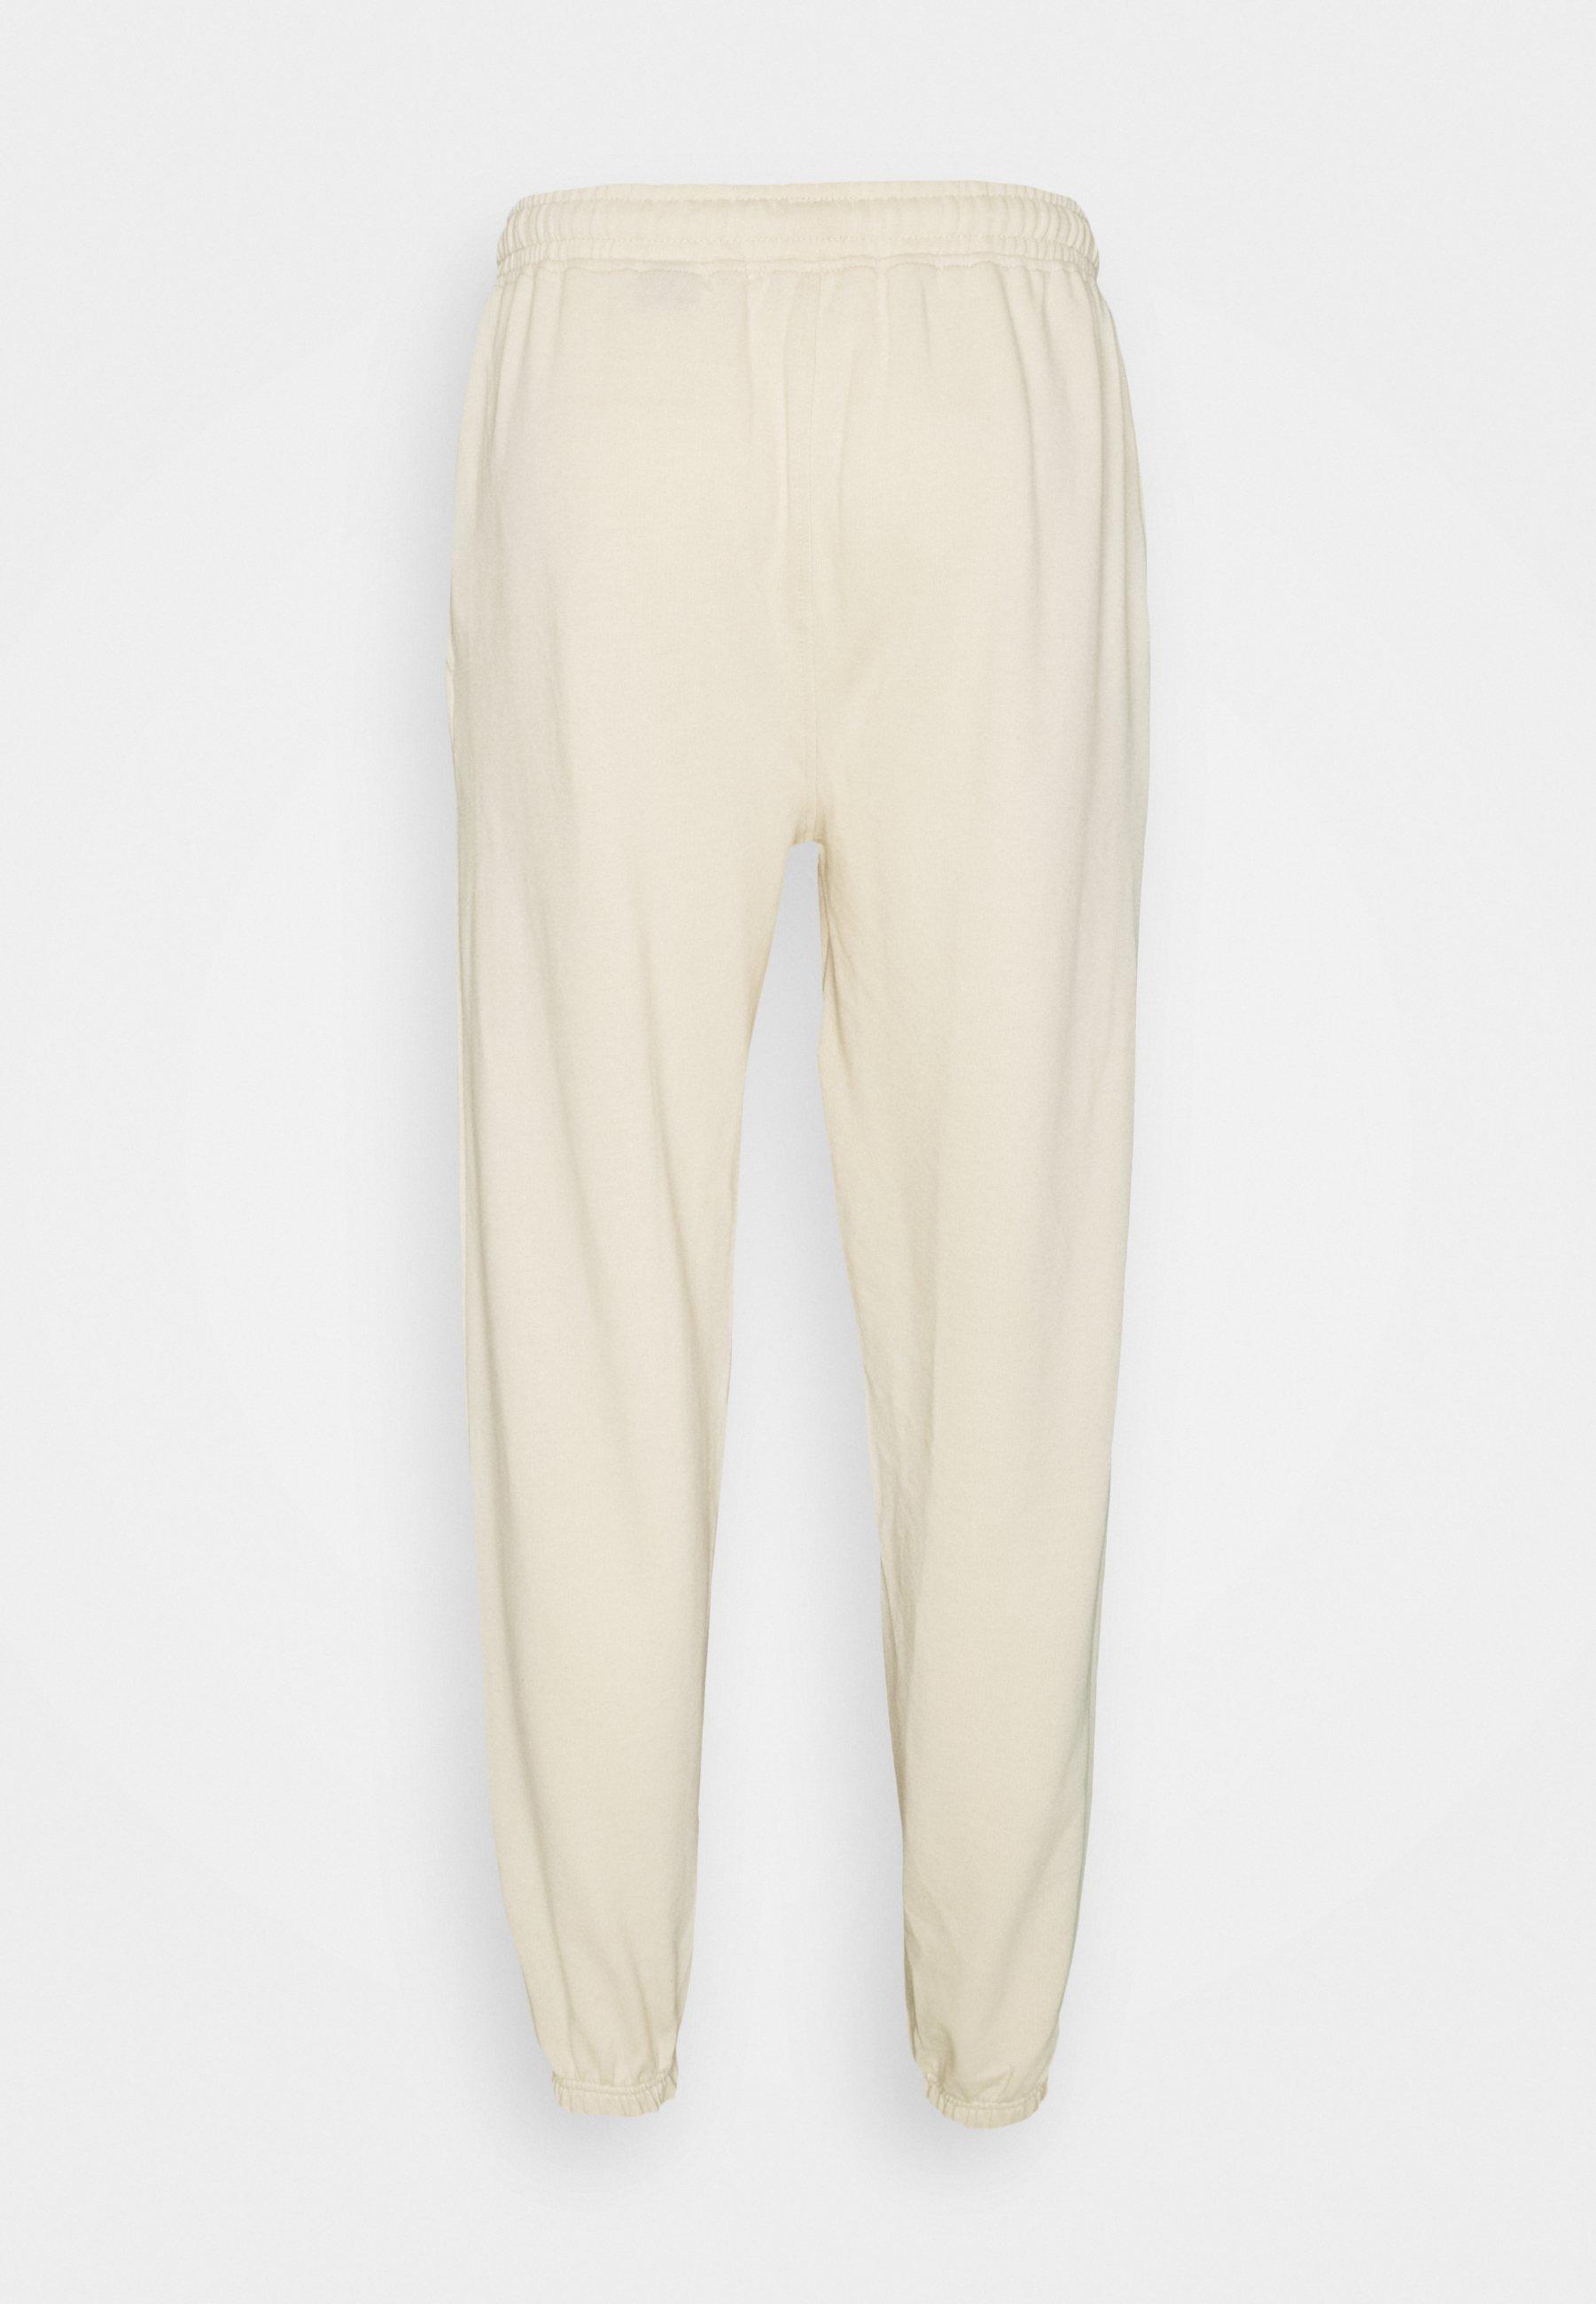 Homme MENNACE UNISEX - Pantalon de survêtement